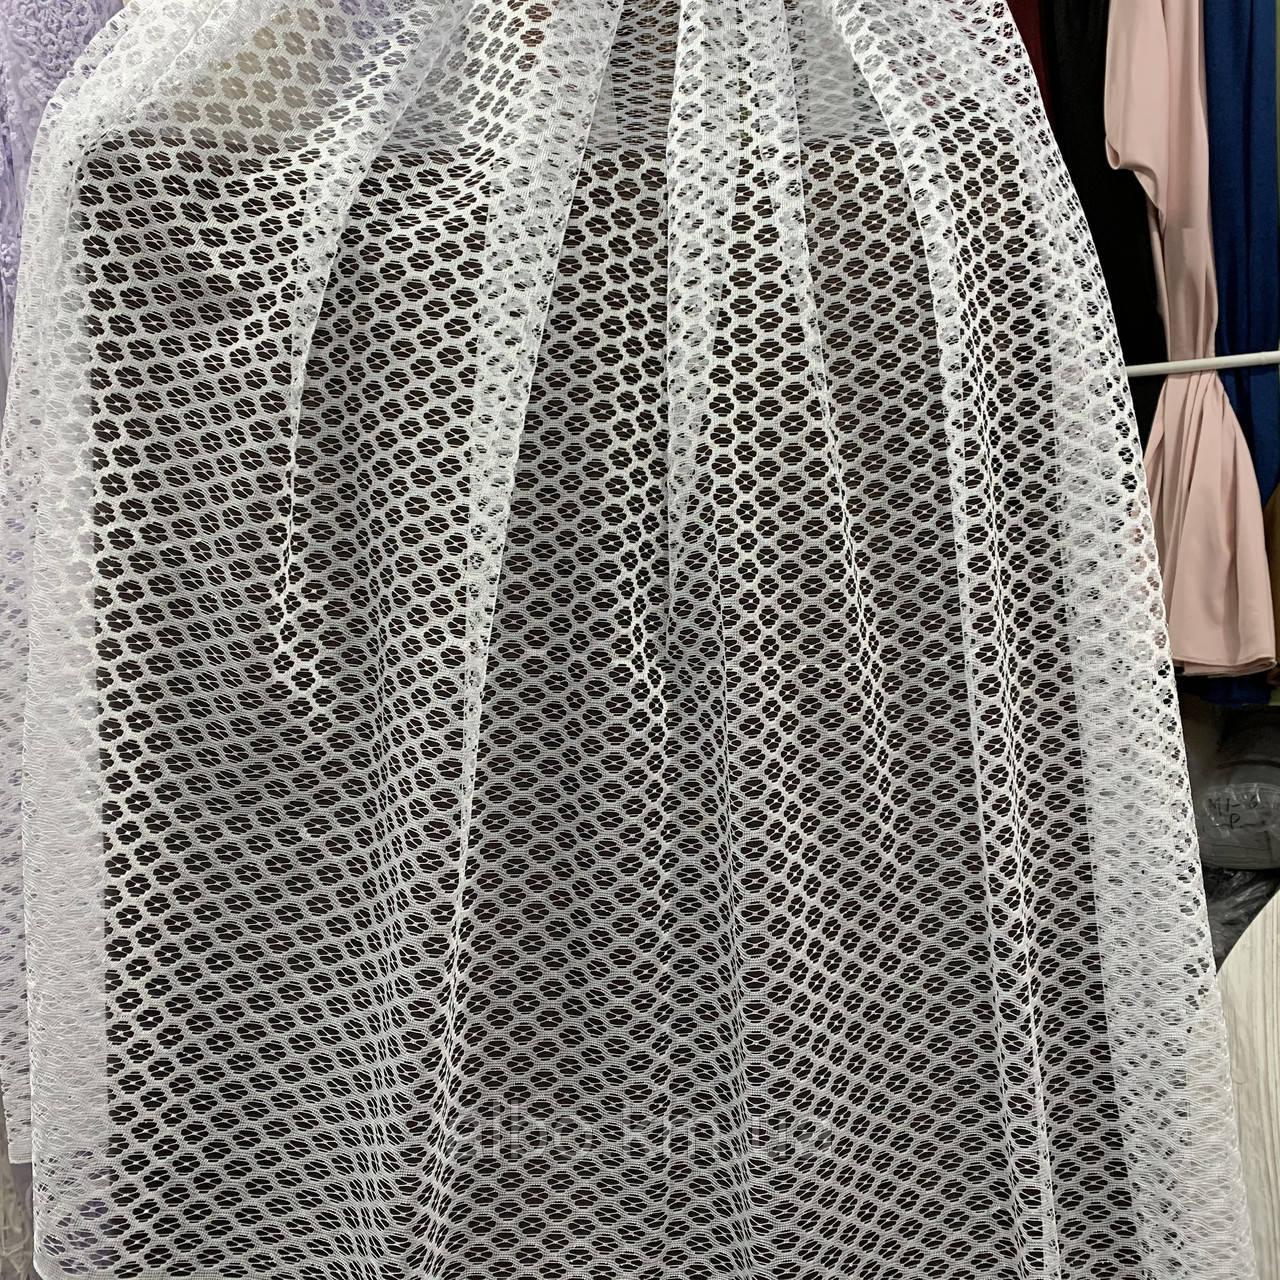 Стильный тюль сетка белого цвета на метраж, высота 2.8 м